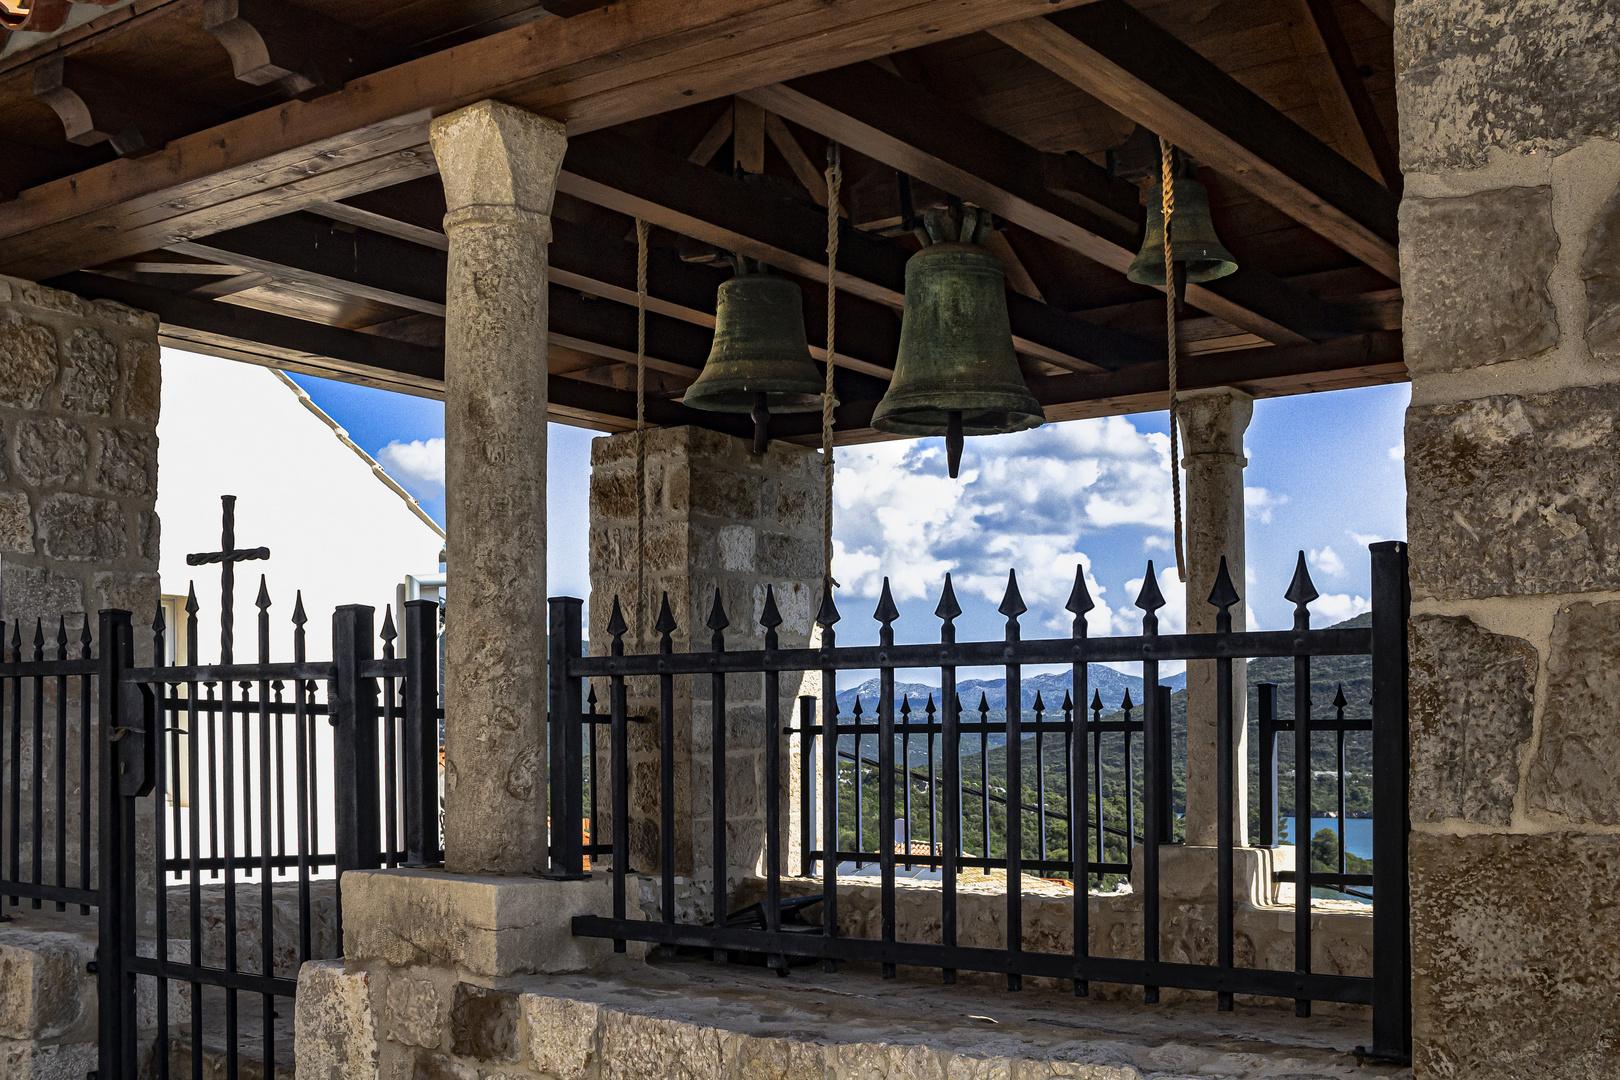 Las campanas de Ston - I